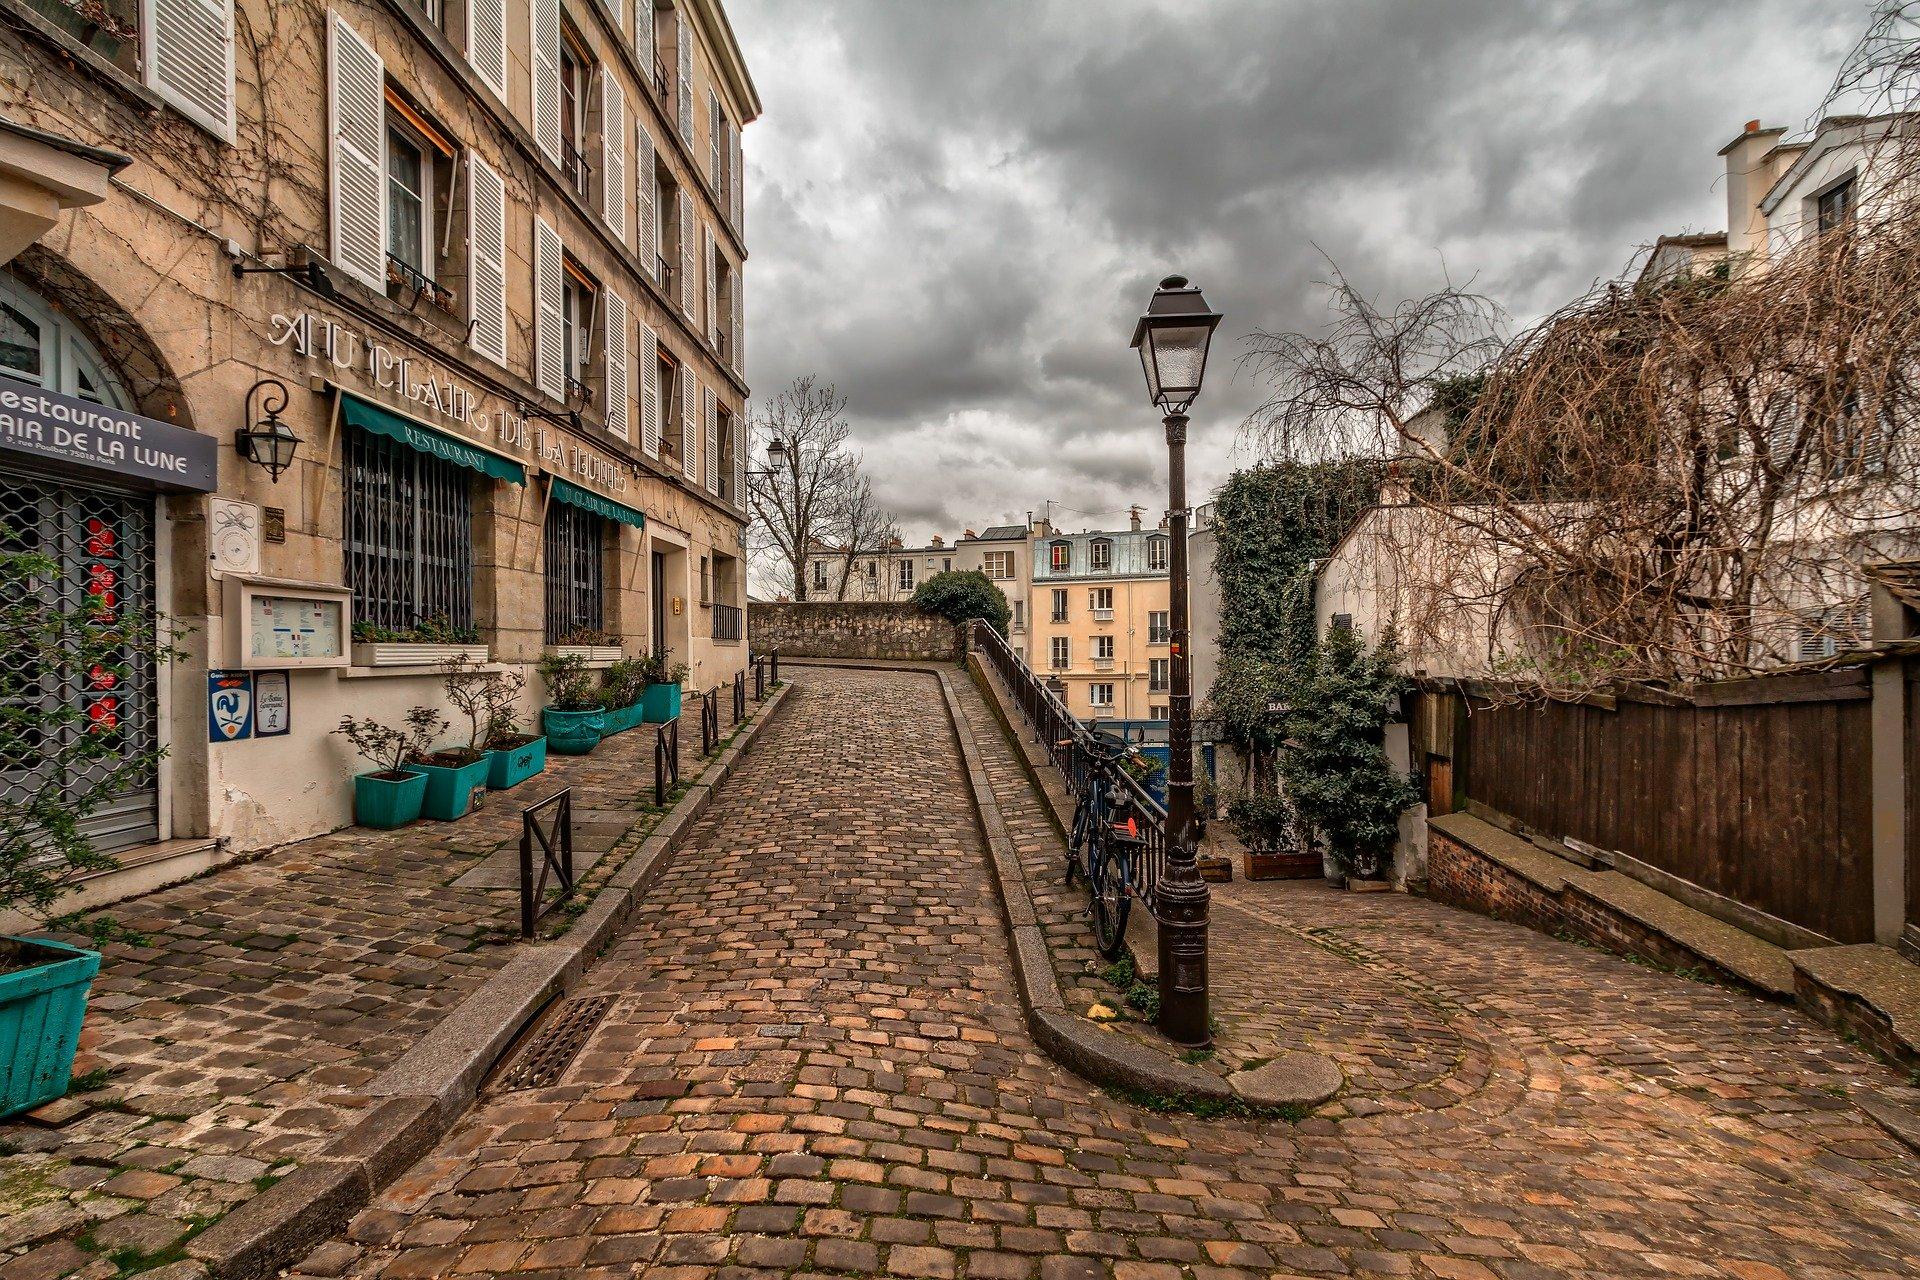 Cathédrale Notre-Dame de Paris - tour Eiffel